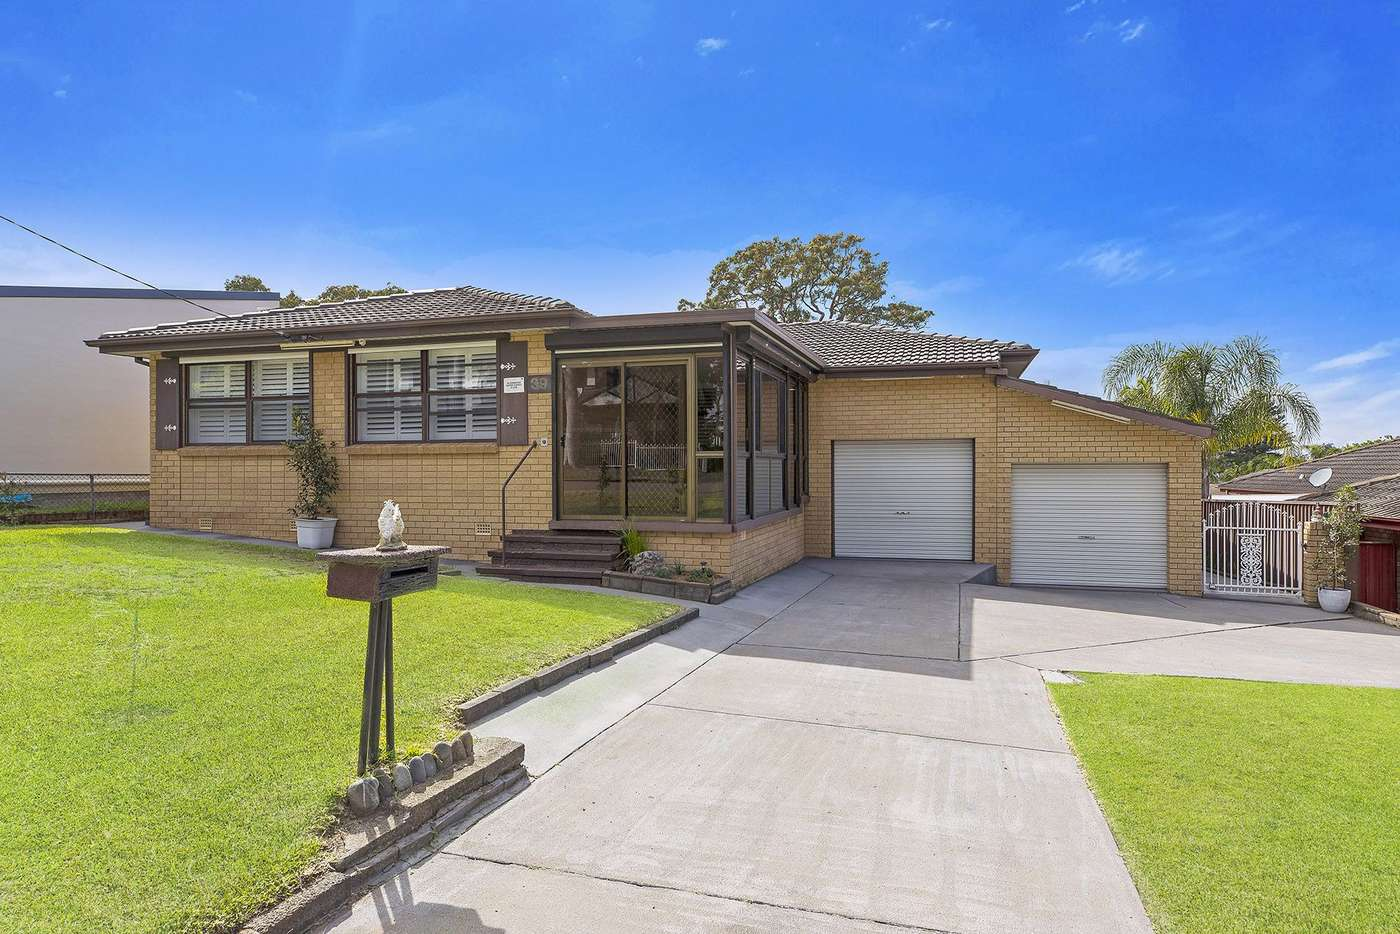 Main view of Homely house listing, 39 Huene Avenue, Halekulani NSW 2262